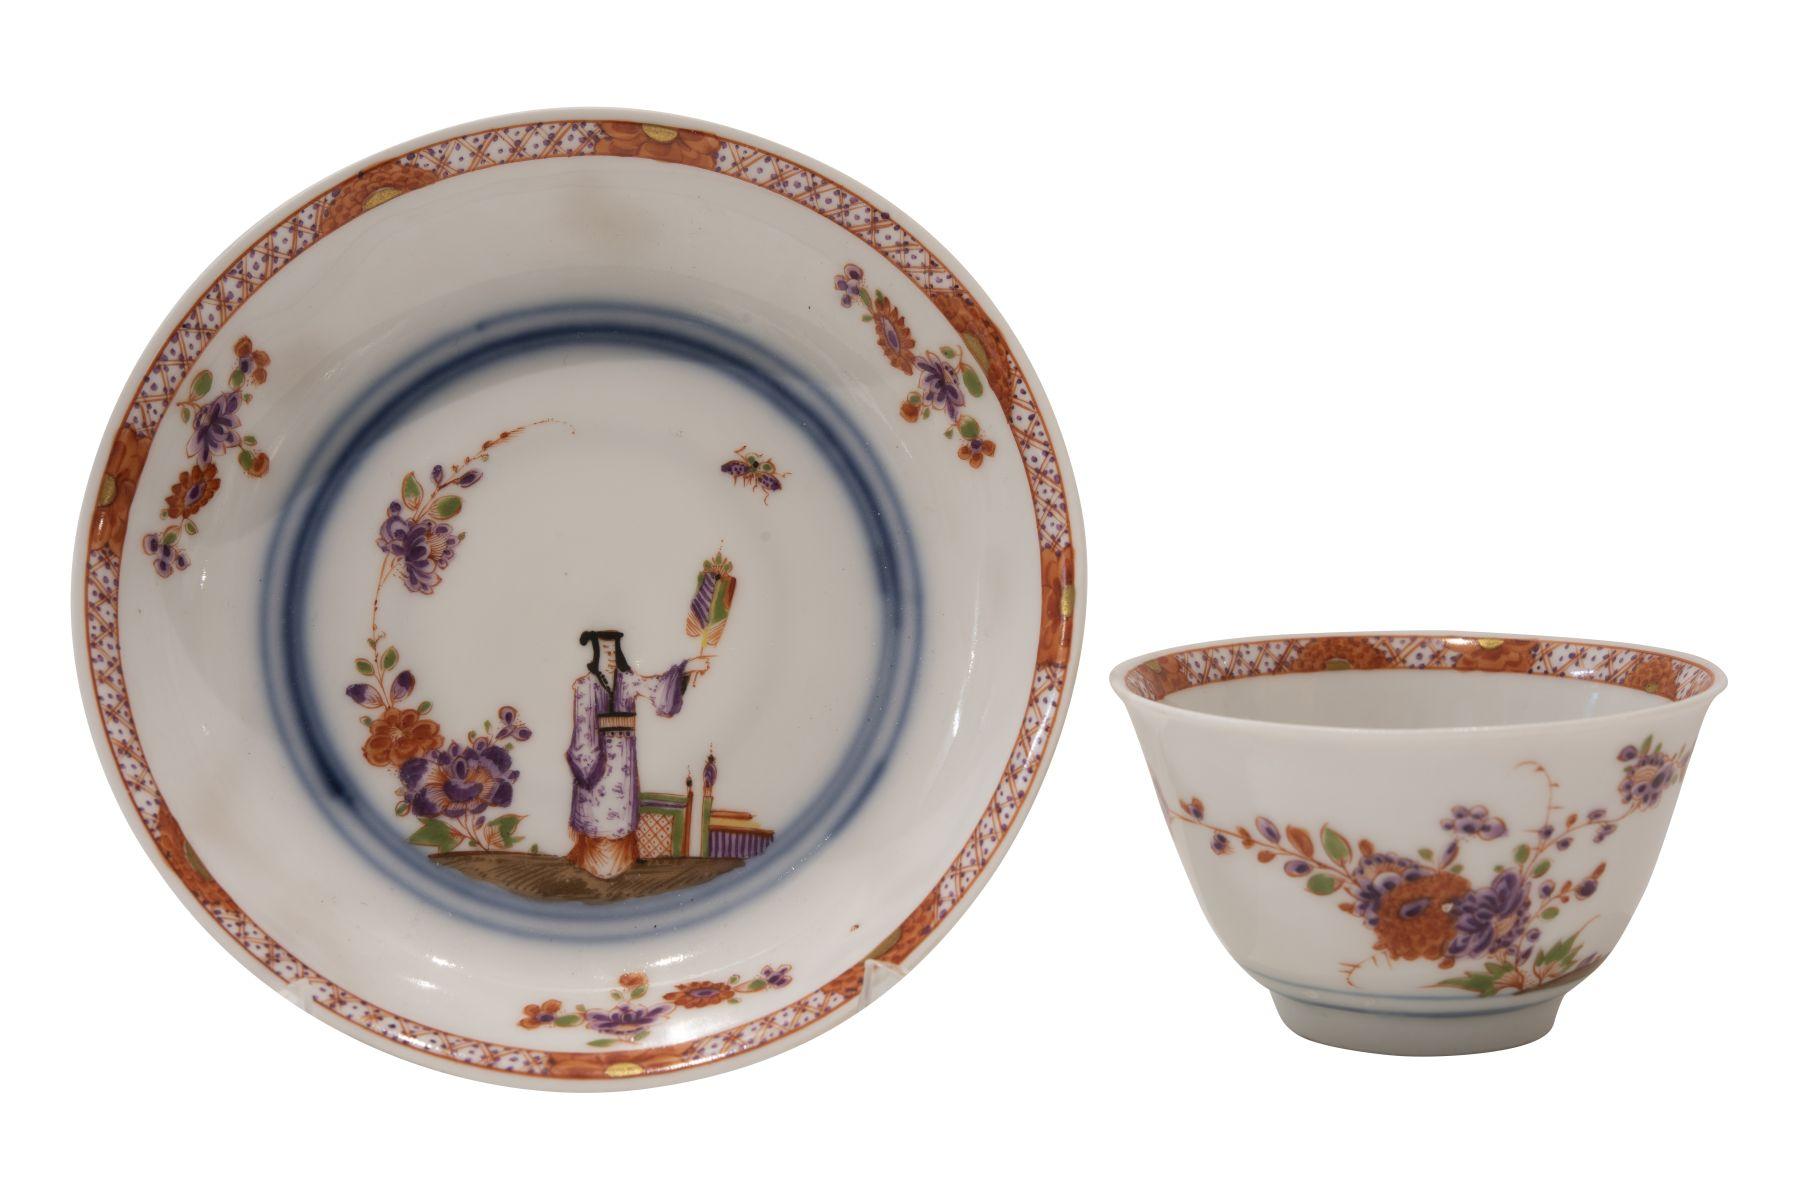 #108 Coupling with saucer Meissen around 1730/35 | Koppchen mit Unterschale Meissen um 1730/35 Image